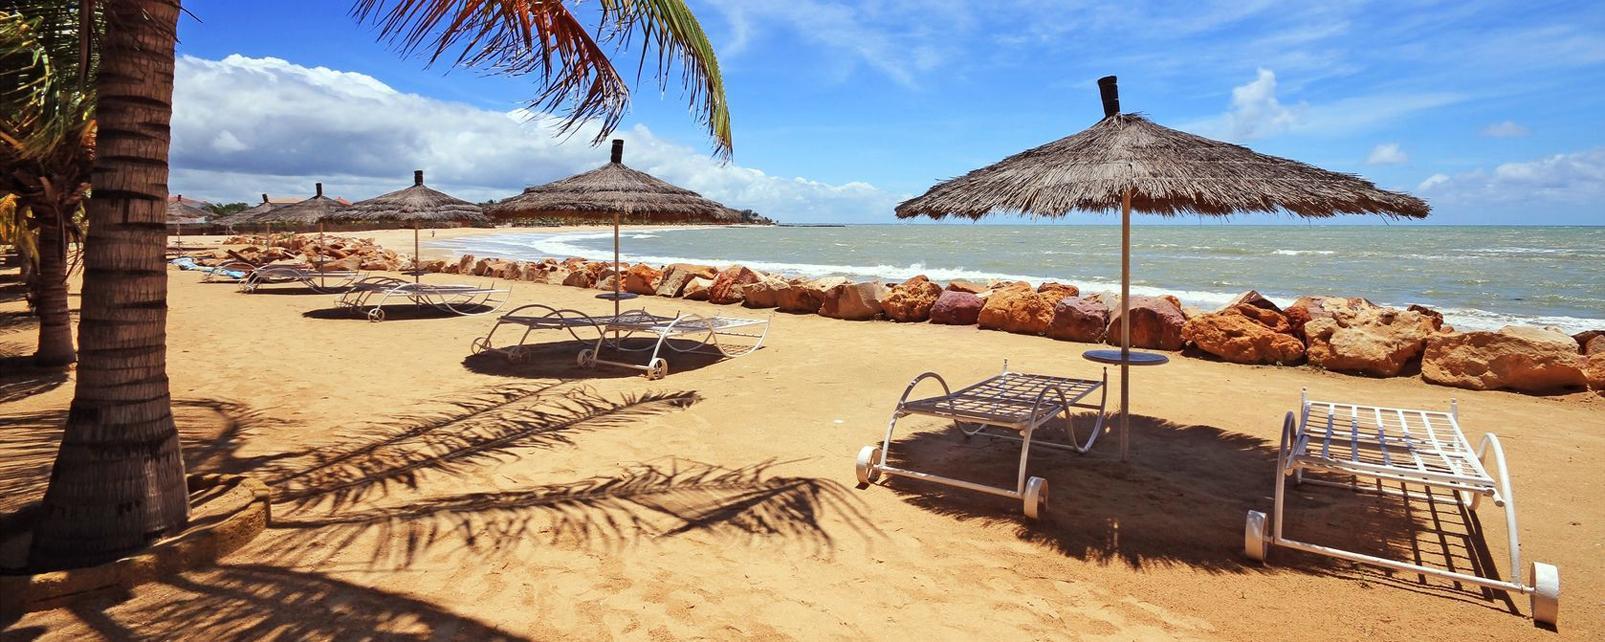 Vol Hotel Dakar Senegal